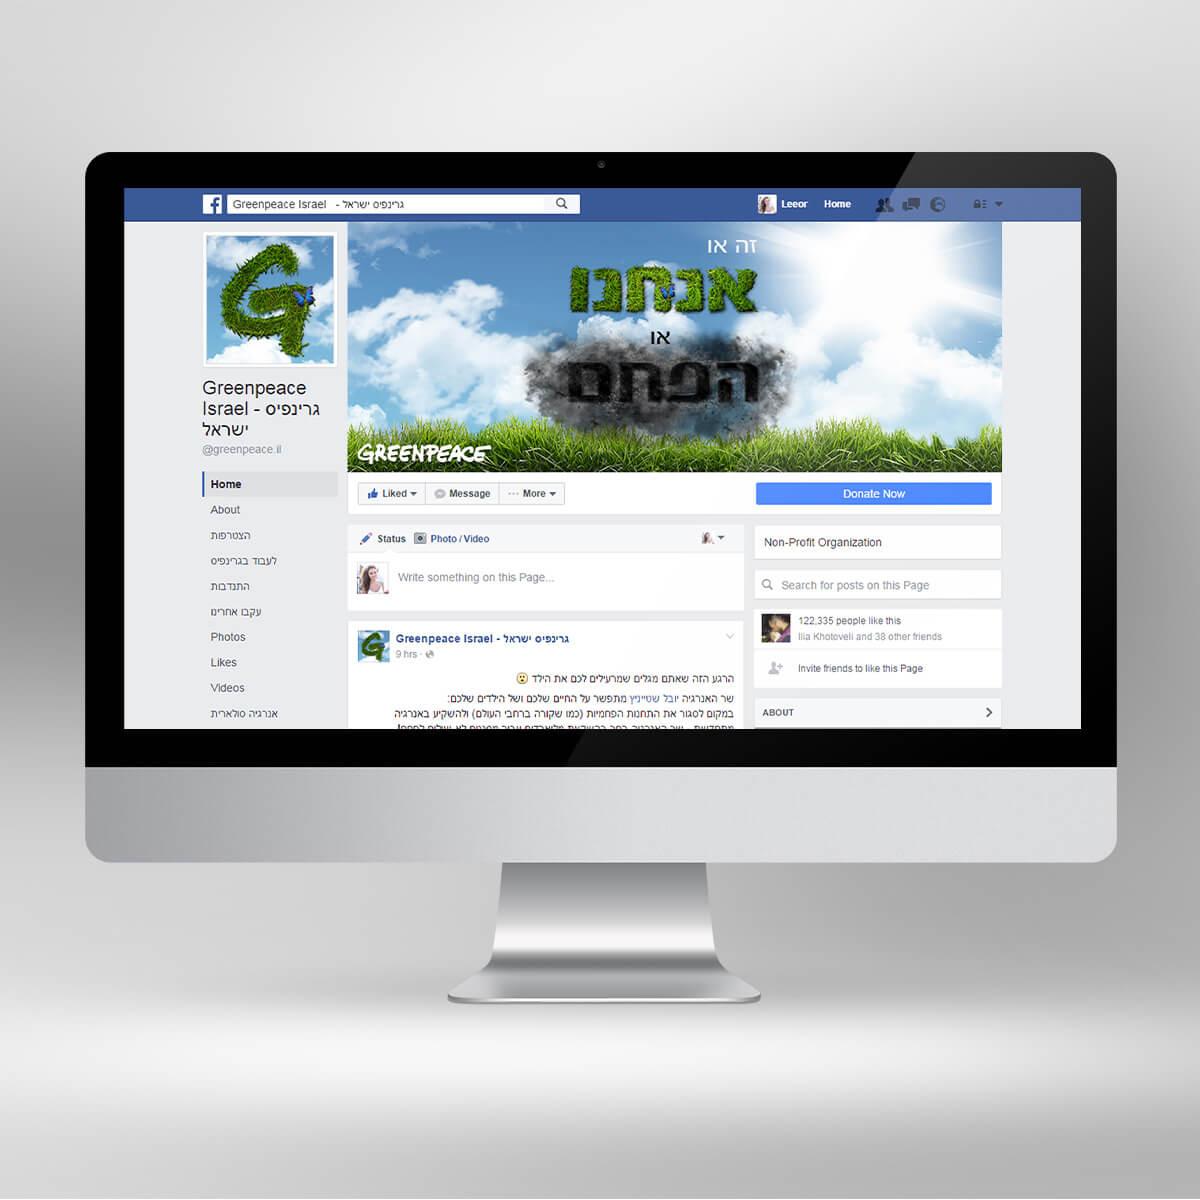 עיצוב תוכן שיווקי לרשתות חברתיות greenpeace israel | ליאור דקל ליבה